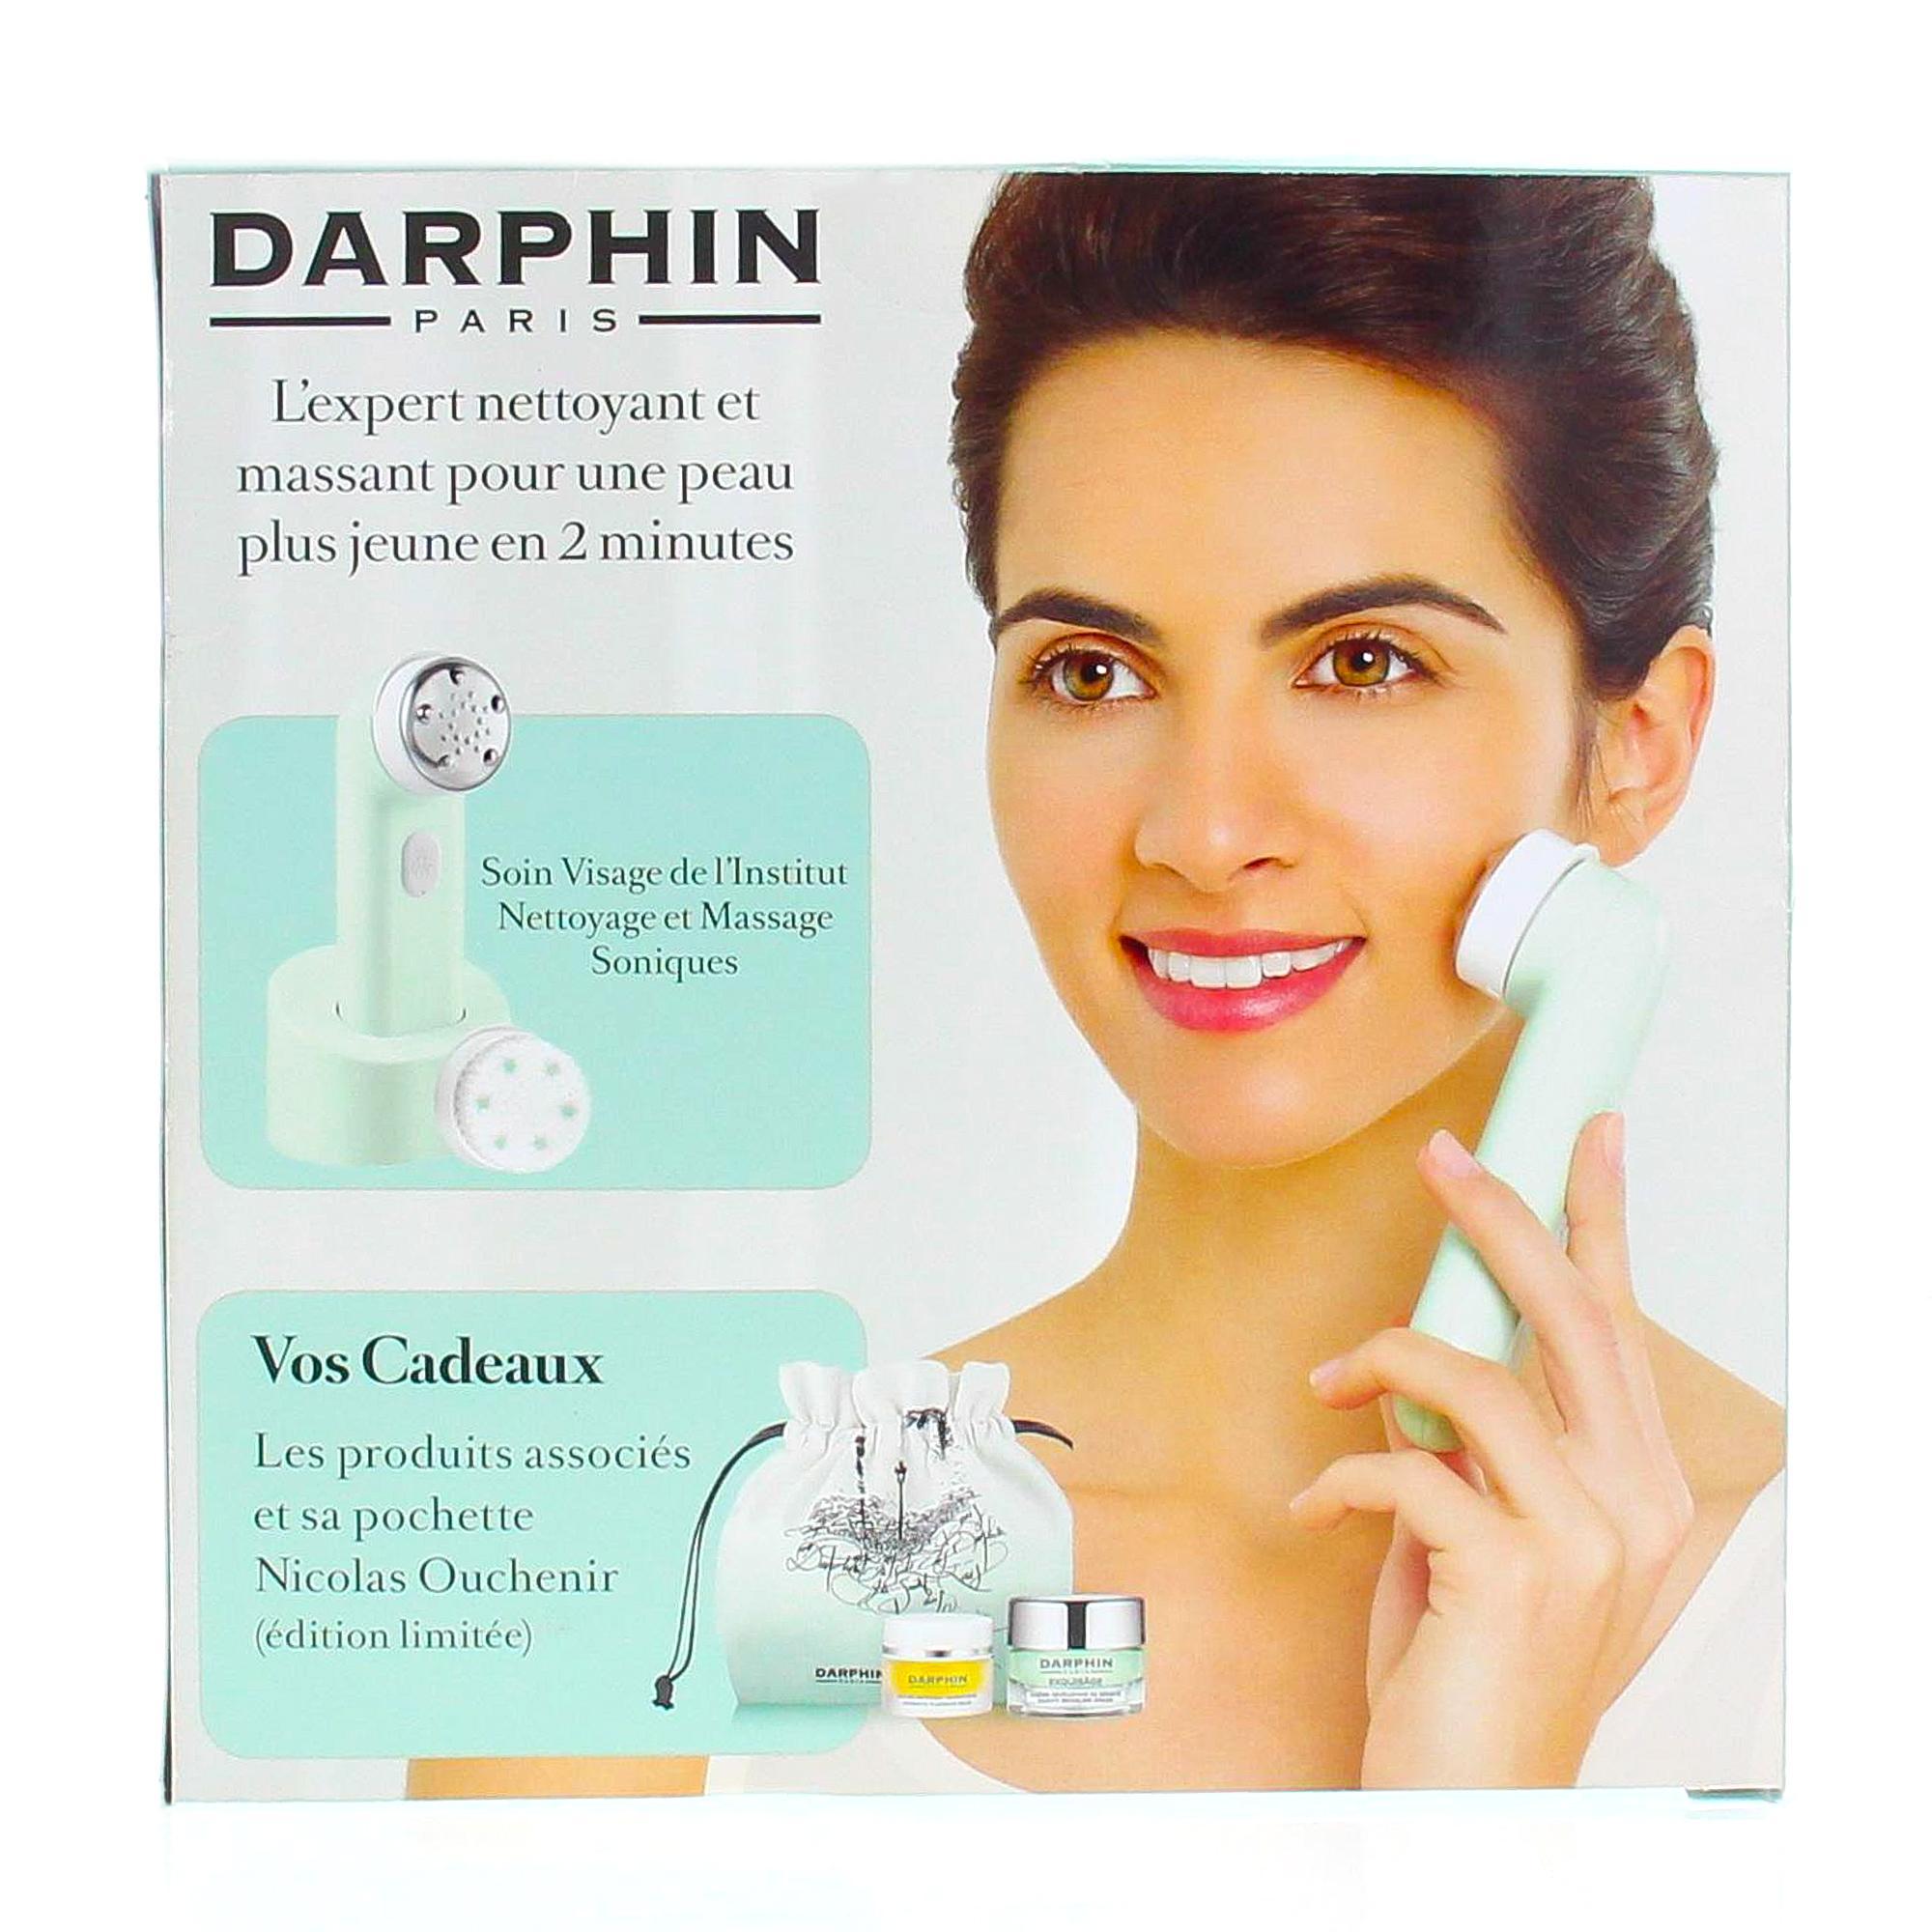 soin nettoyant visage institut